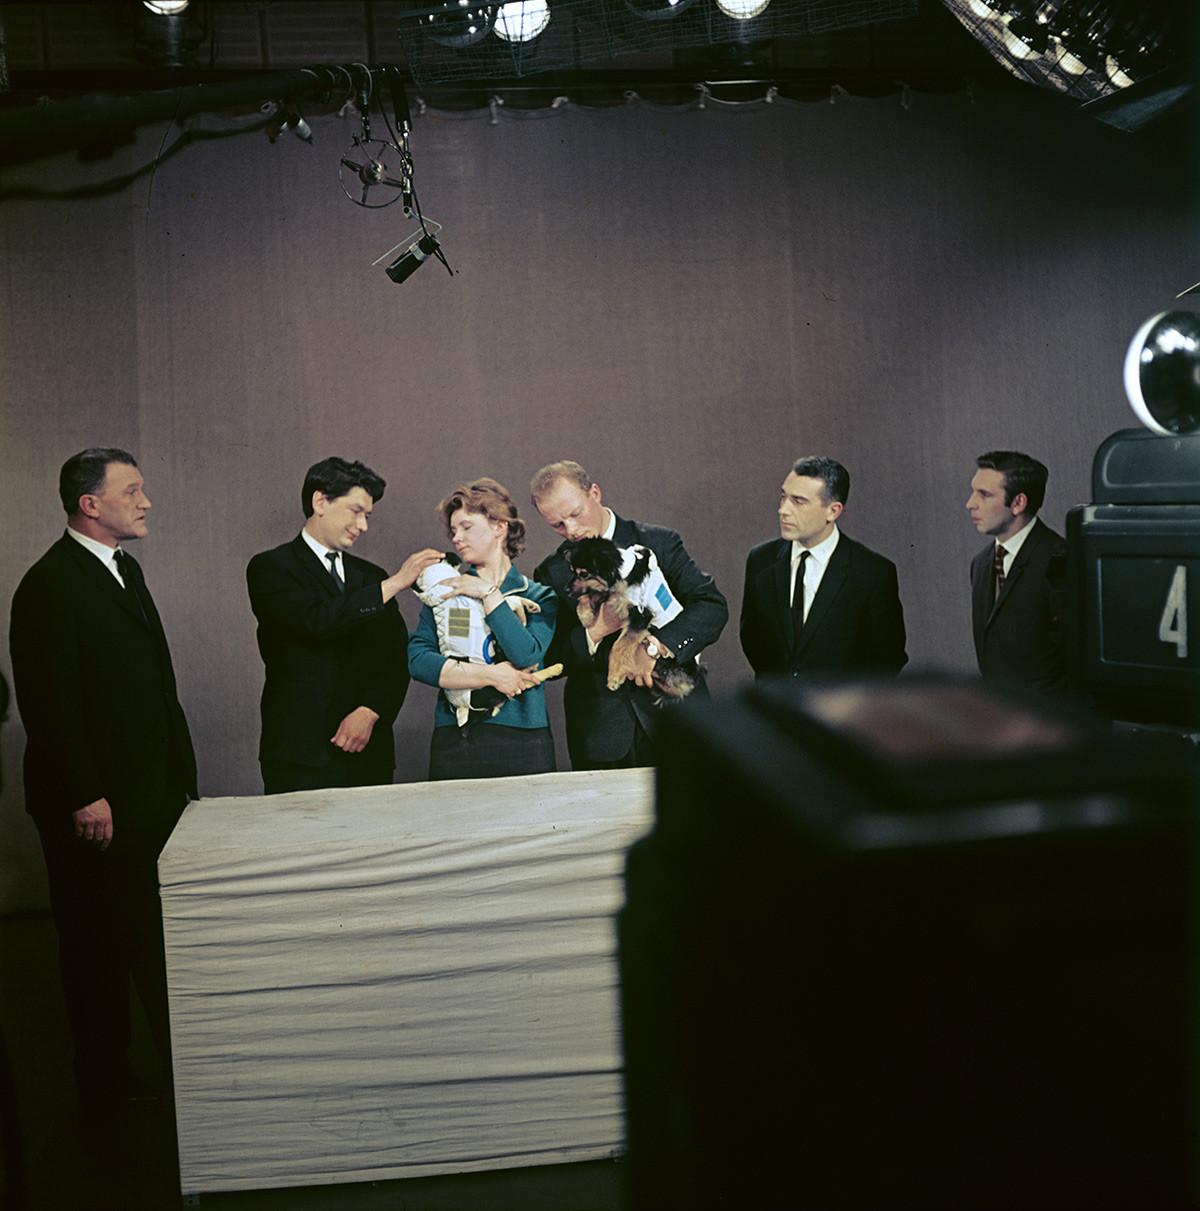 テレビ番組に出演した時のヴェテロークとウゴリョーク